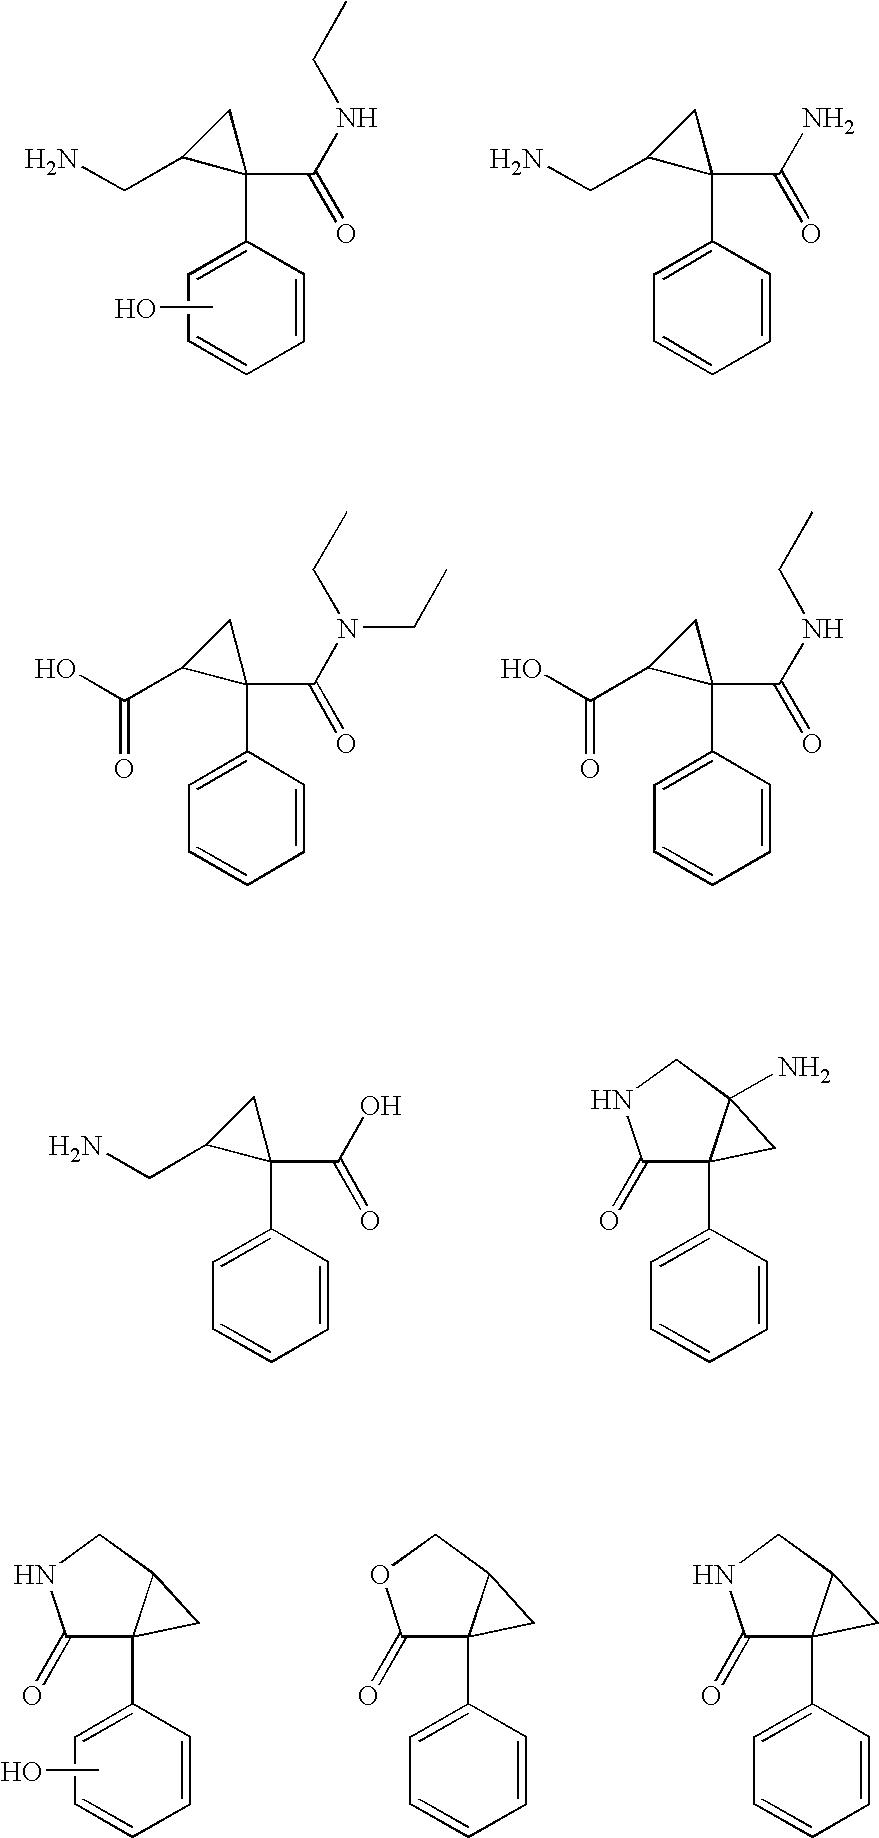 Figure US20050282859A1-20051222-C00064